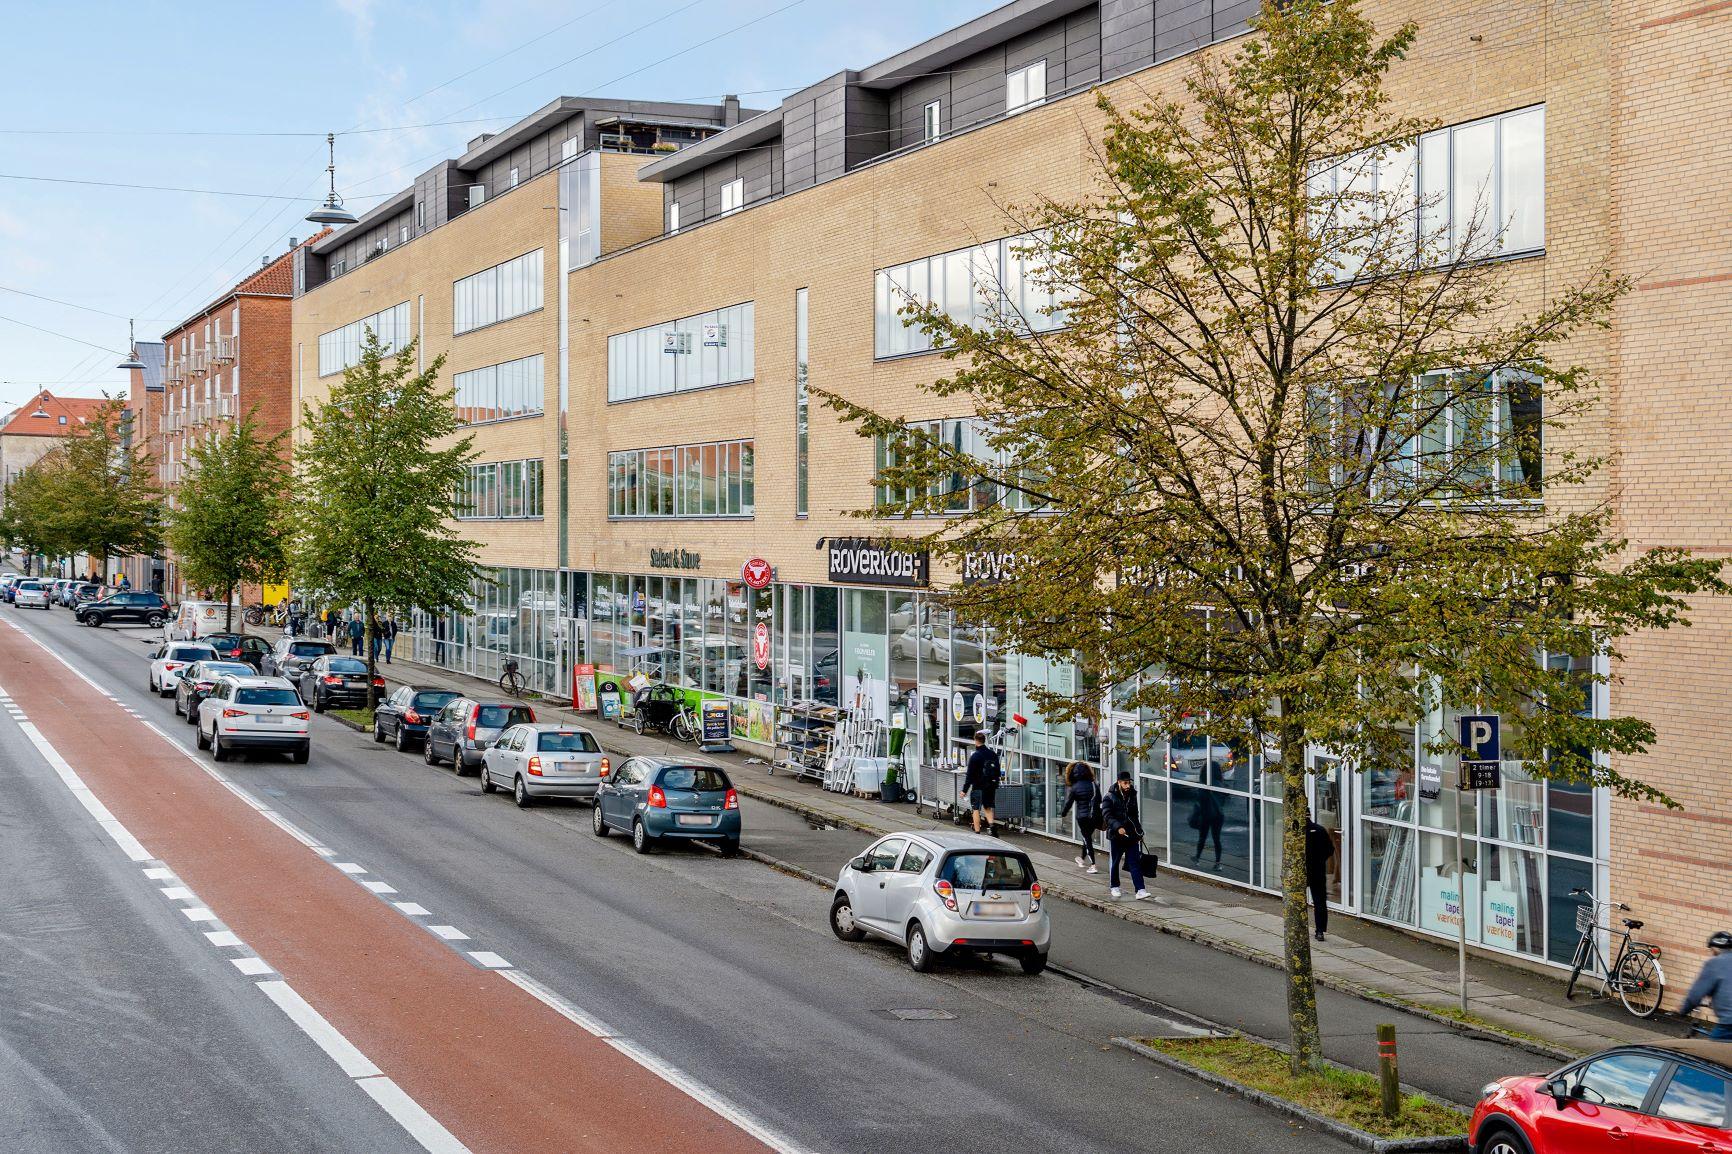 Lejebolig på Frederikssundsvej 267 A, 1. tv., 2700 Brønshøj